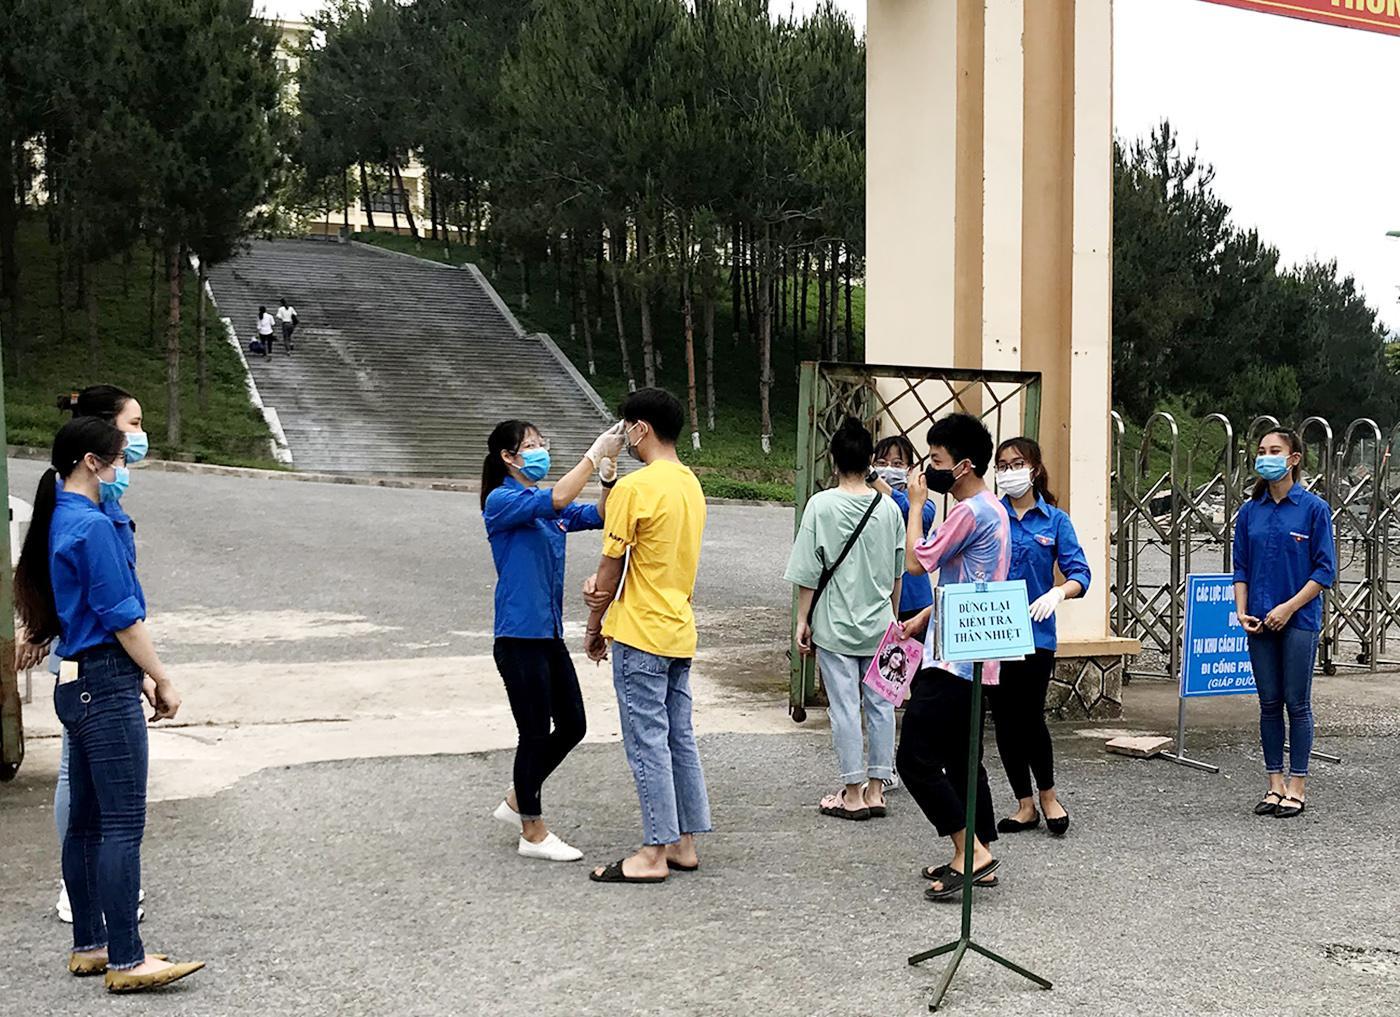 Phân hiệu Đại học Thái Nguyên tại tỉnh Lào Cai đón sinh viên trở lại học tập sau sau kỳ nghỉ dài do ảnh hưởng của đại dịch COVID-19